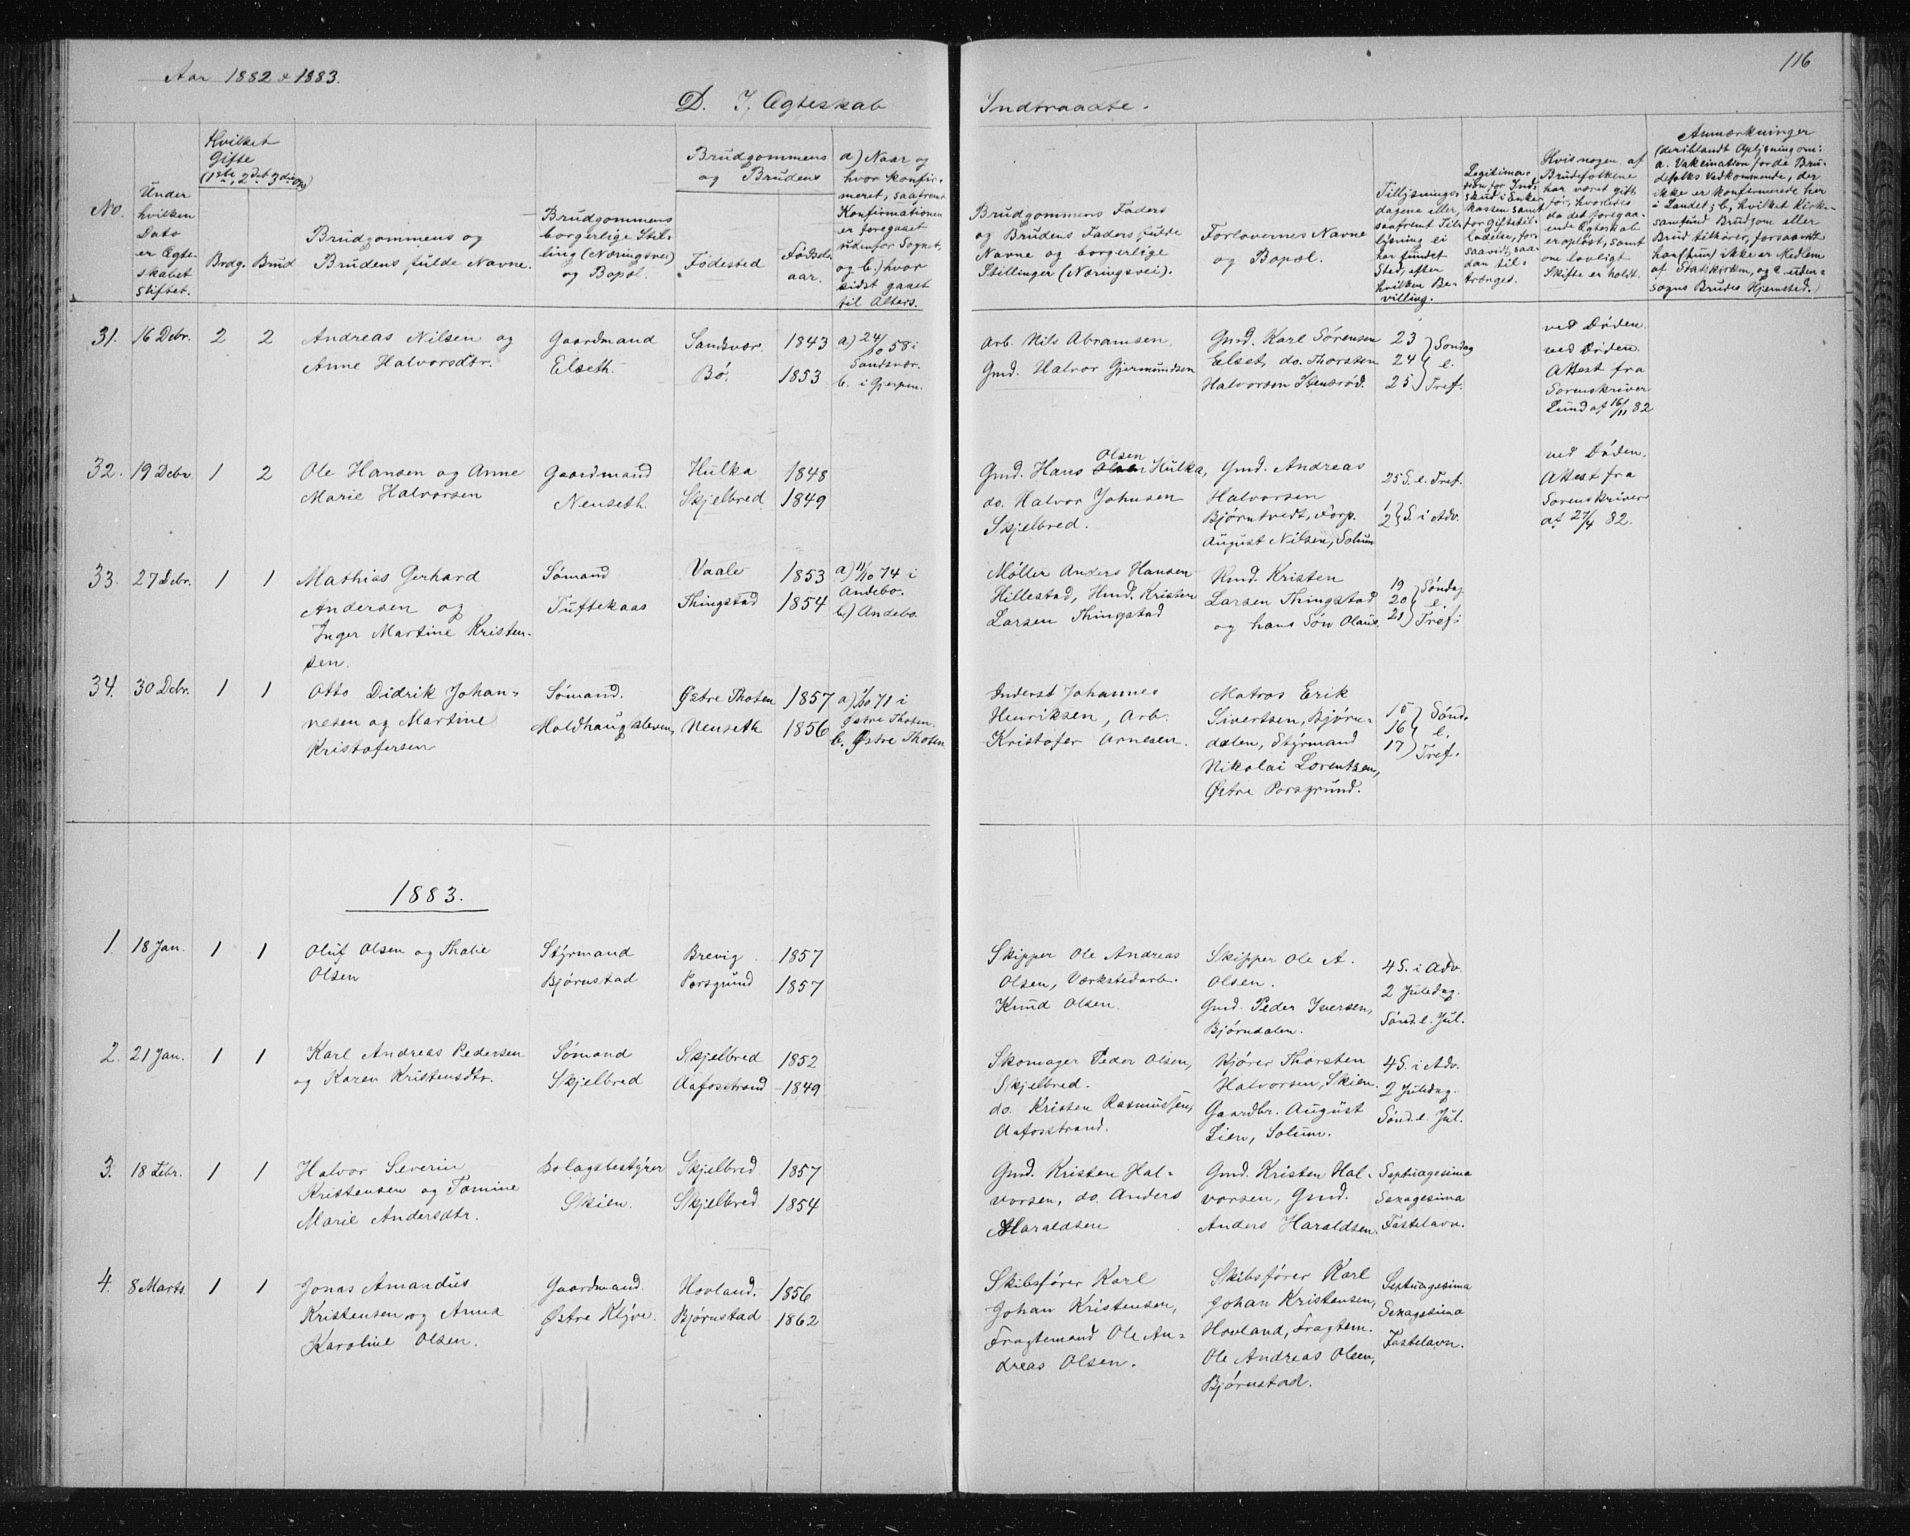 SAKO, Solum kirkebøker, G/Ga/L0006: Klokkerbok nr. I 6, 1882-1883, s. 116